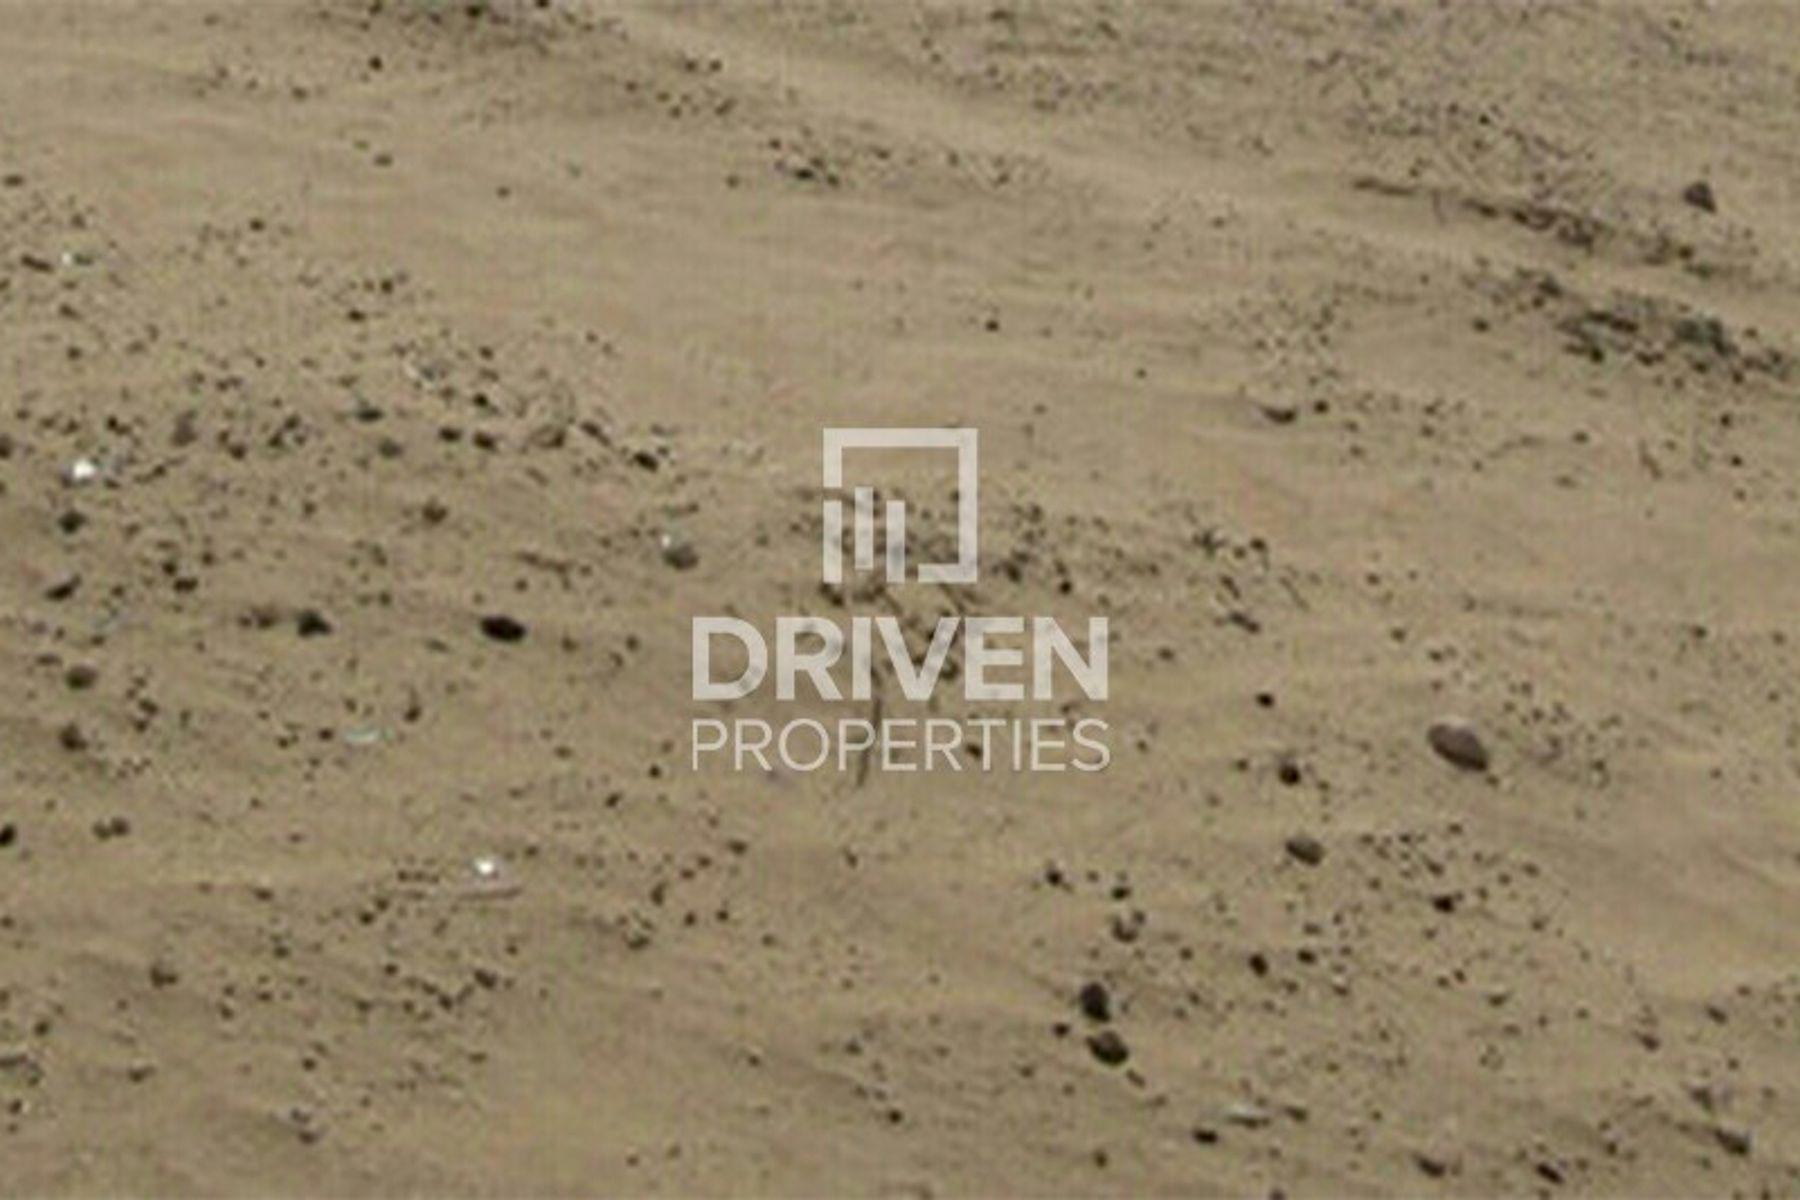 للبيع - أرض سكنية - باروفيلدي - أكويا